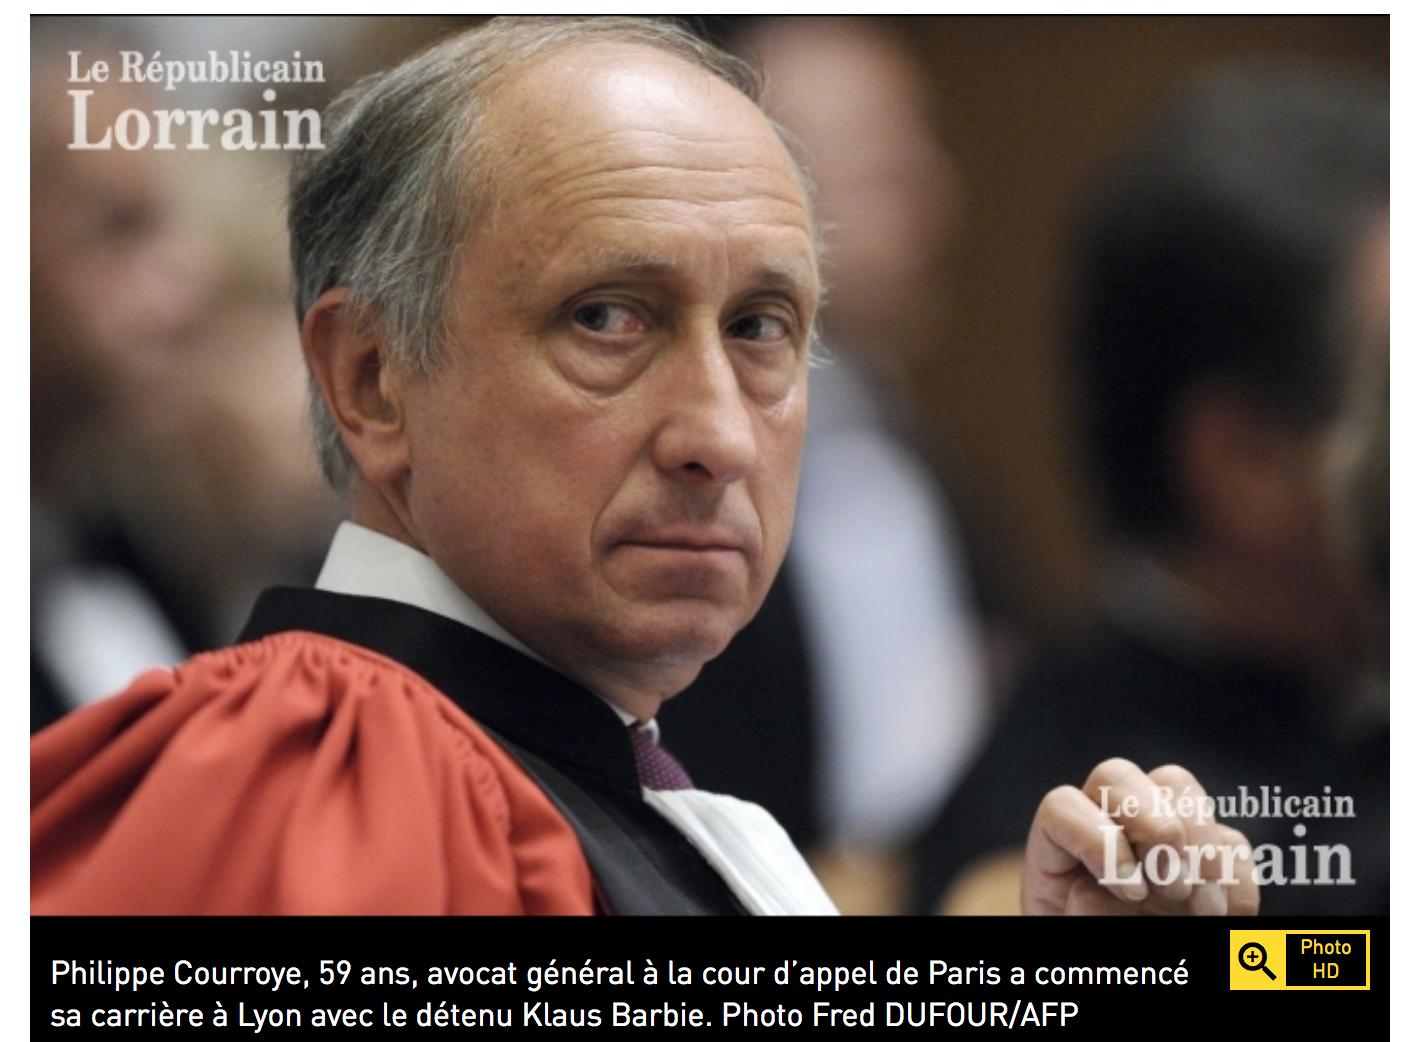 Le procureur Courroye : ma tête a été demandée par les medias à Hollande, j'ai été muté…